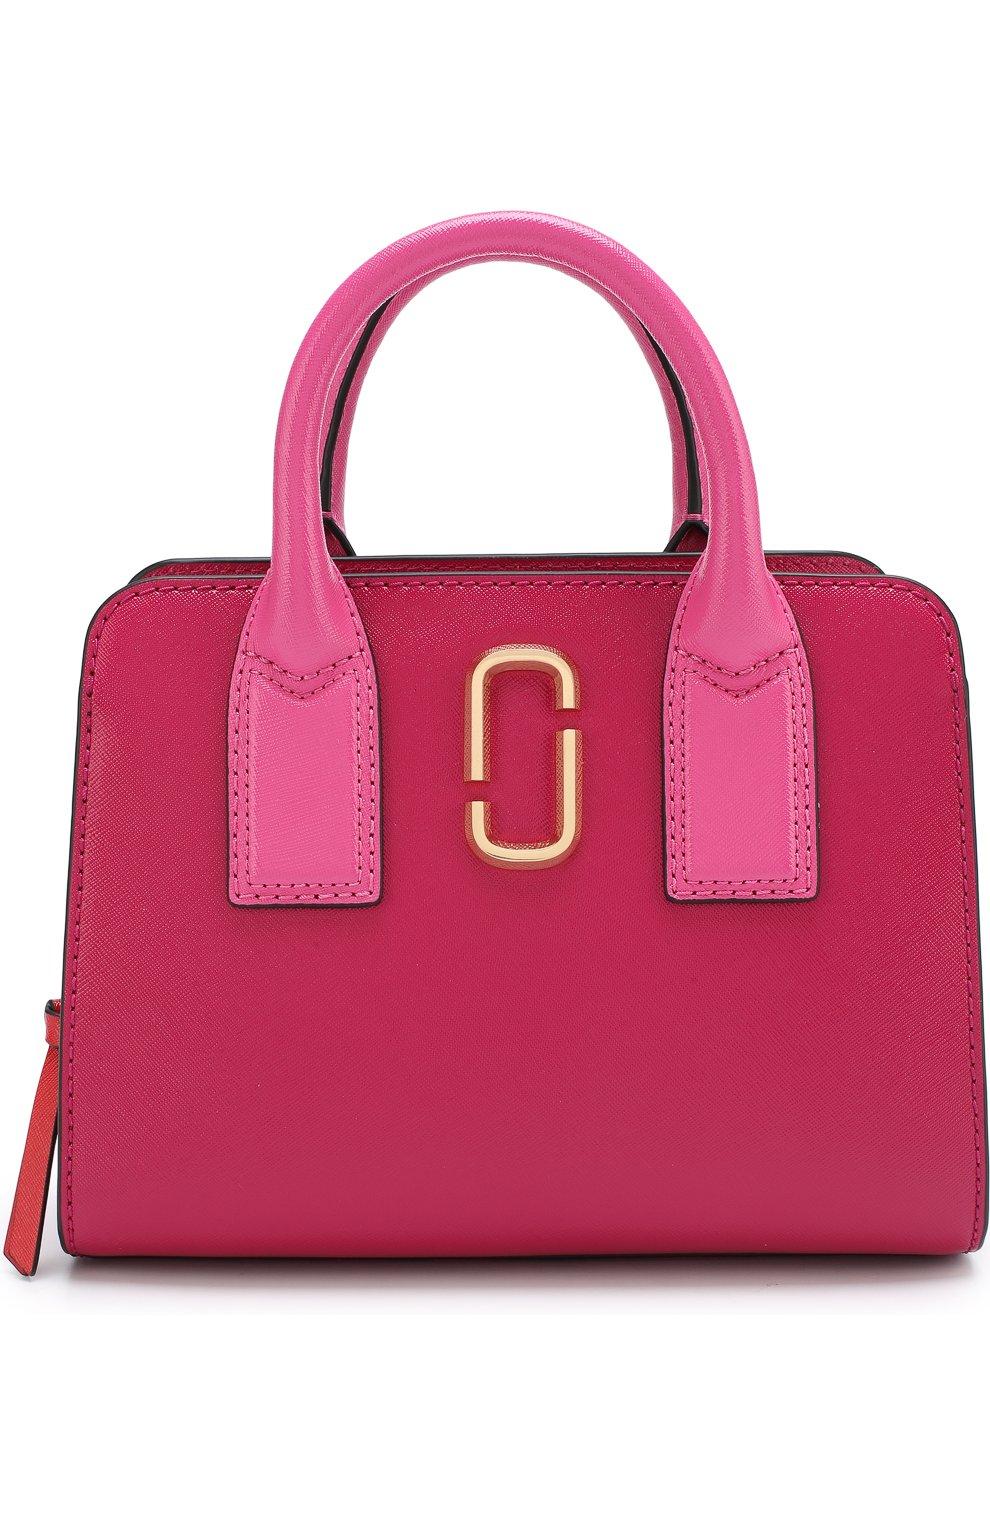 753a8f076659 Фото Женская сумка big shot MARC JACOBS фуксия цвета Китай 5242714 M0013267